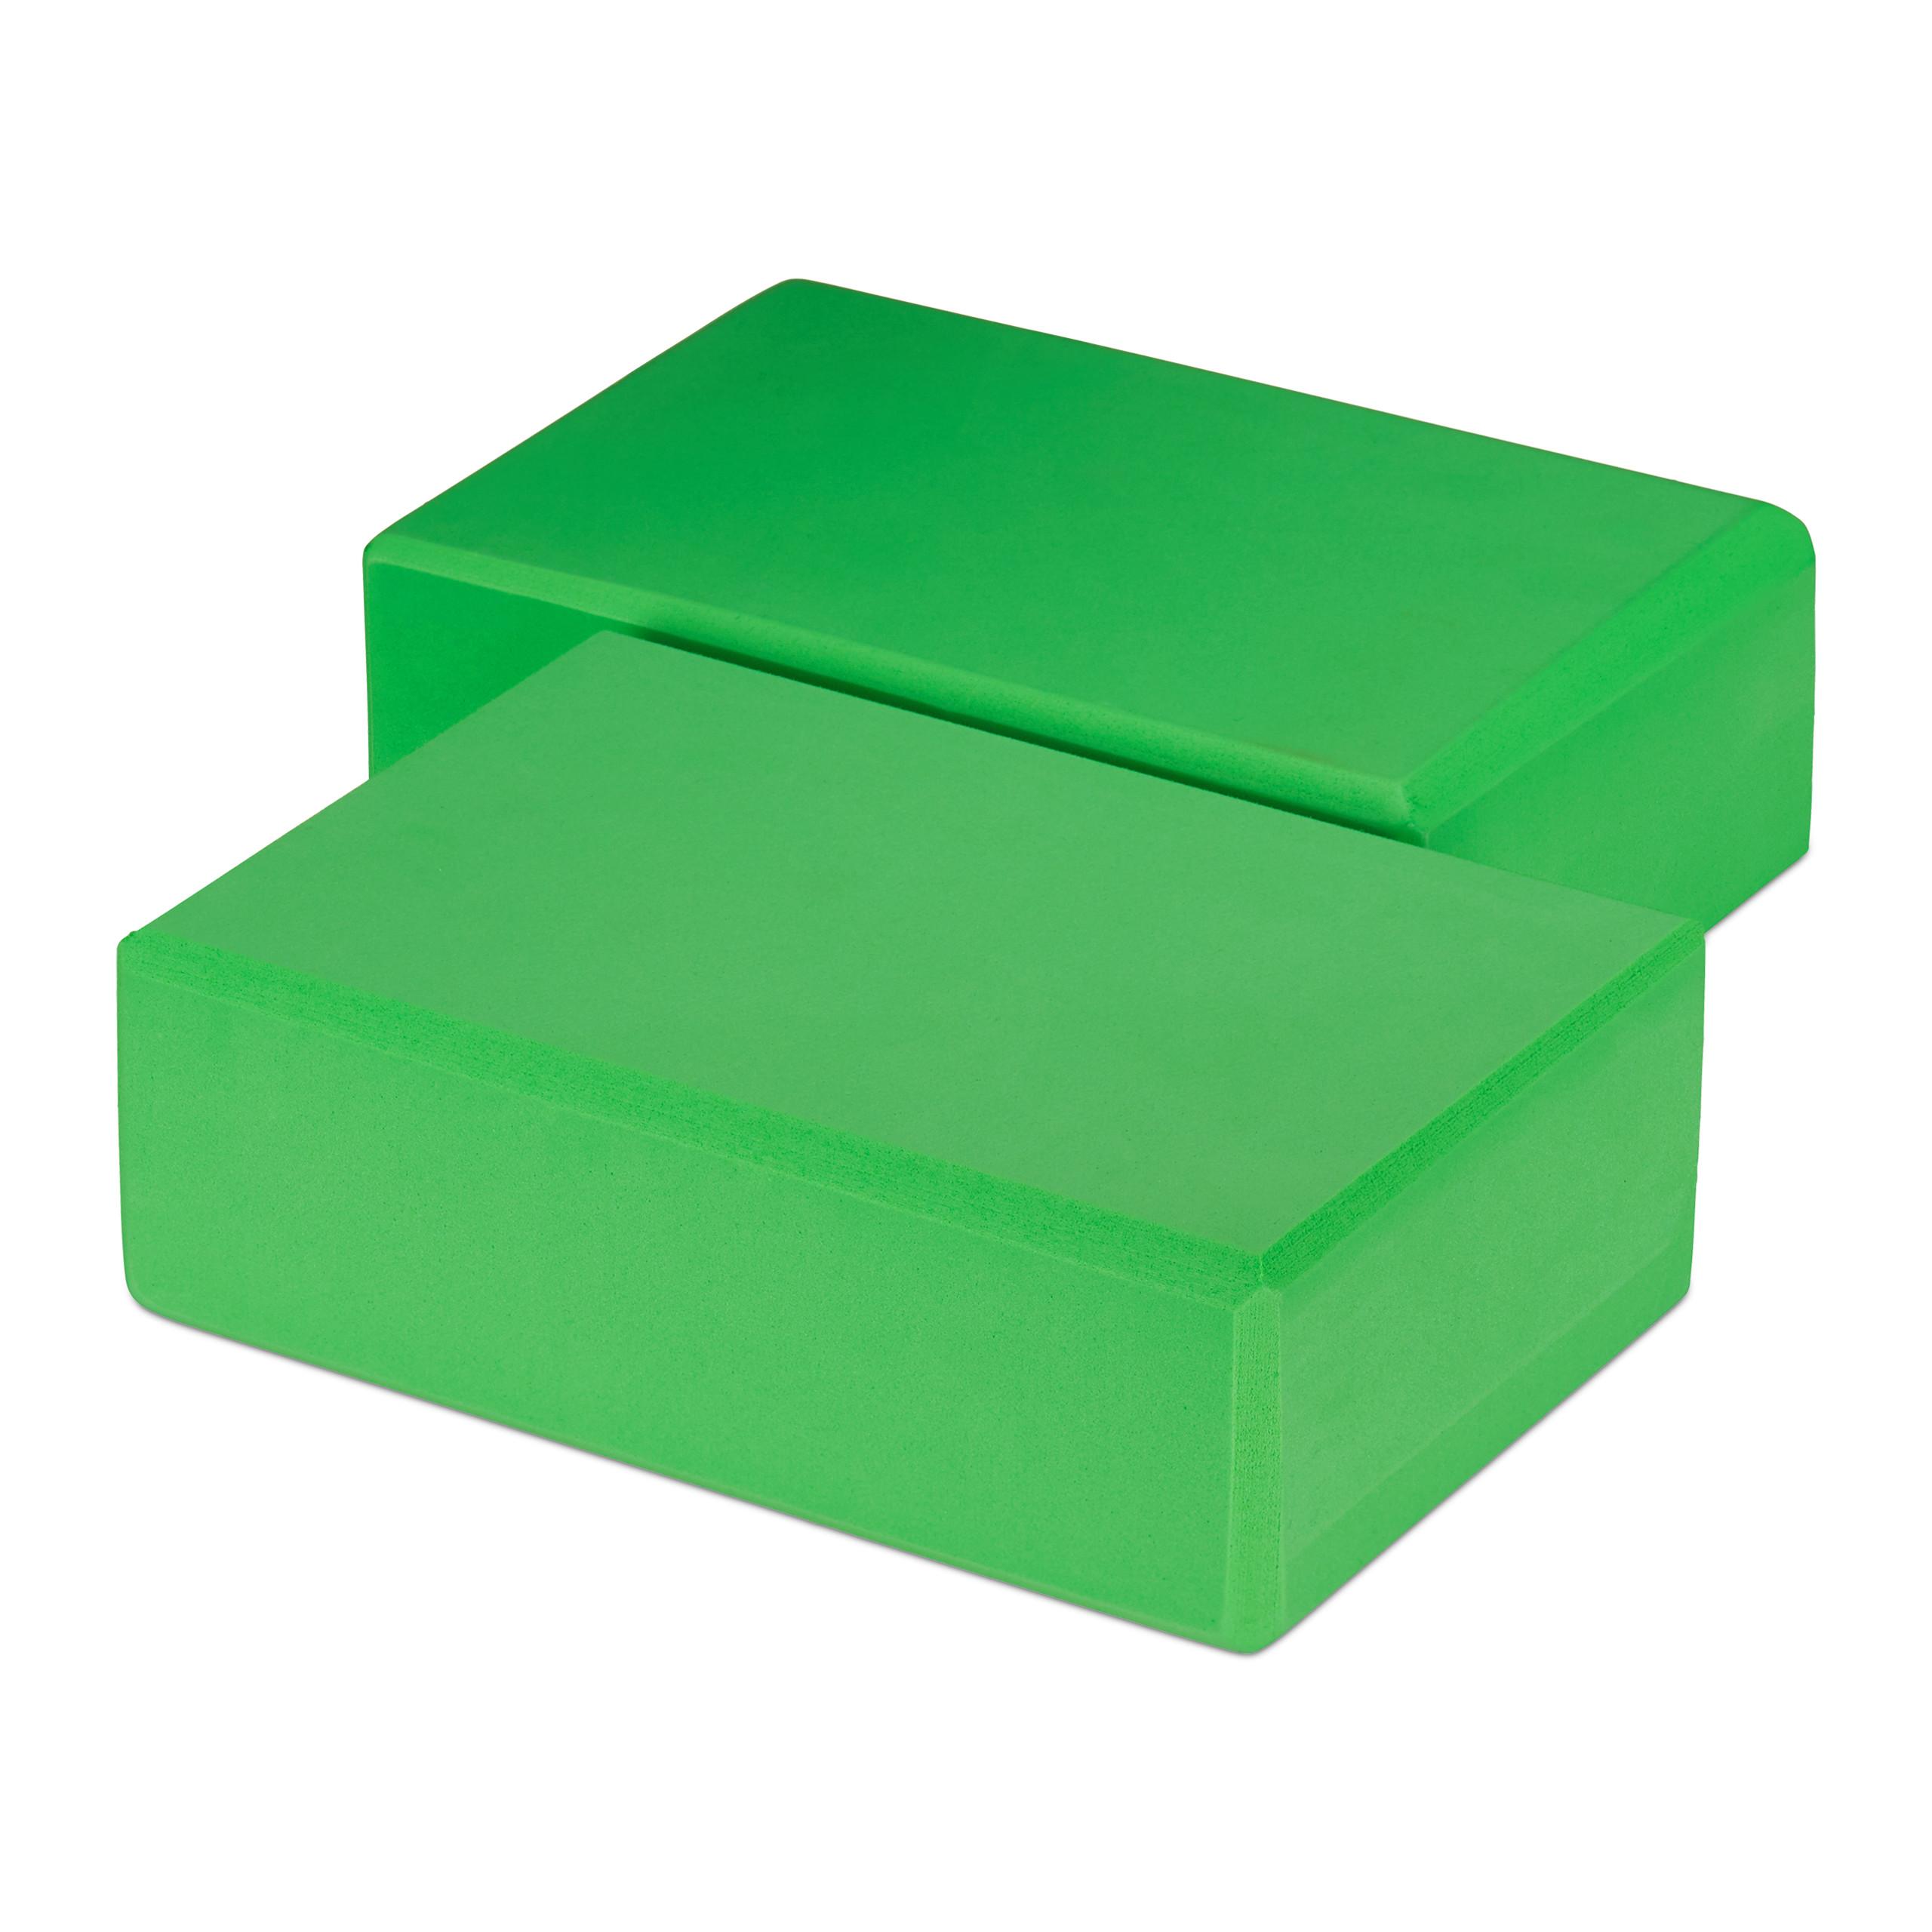 Pack-de-2-bloques-yoga-de-gomaespuma-Tacos-yoga-en-varios-colores-Ladrillos-yoga miniatura 29